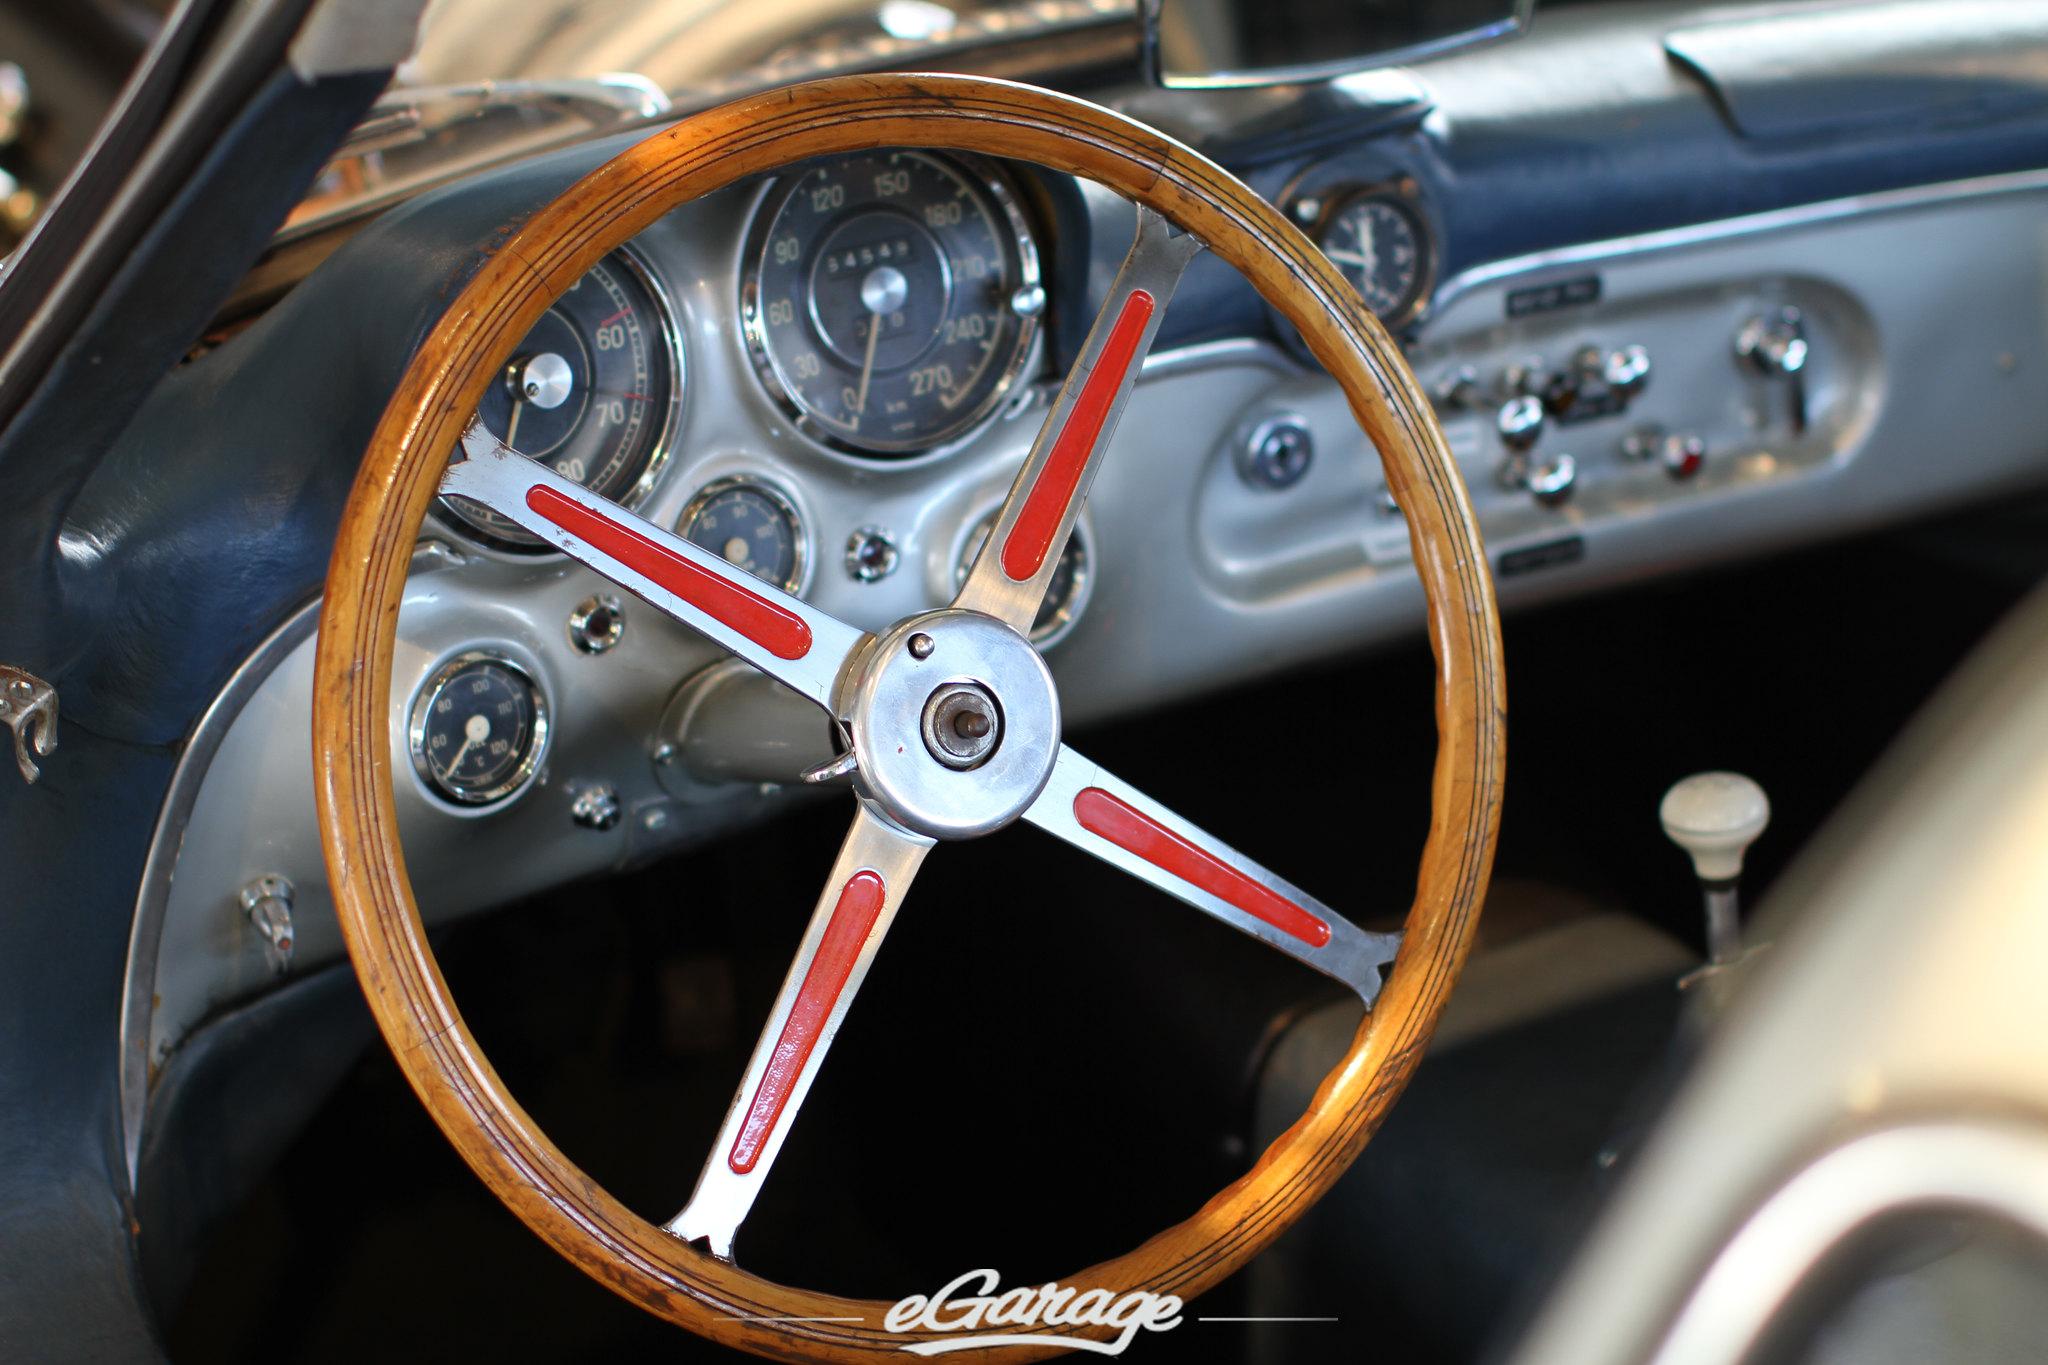 7828669140 174afd0273 k Mercedes Benz Classic